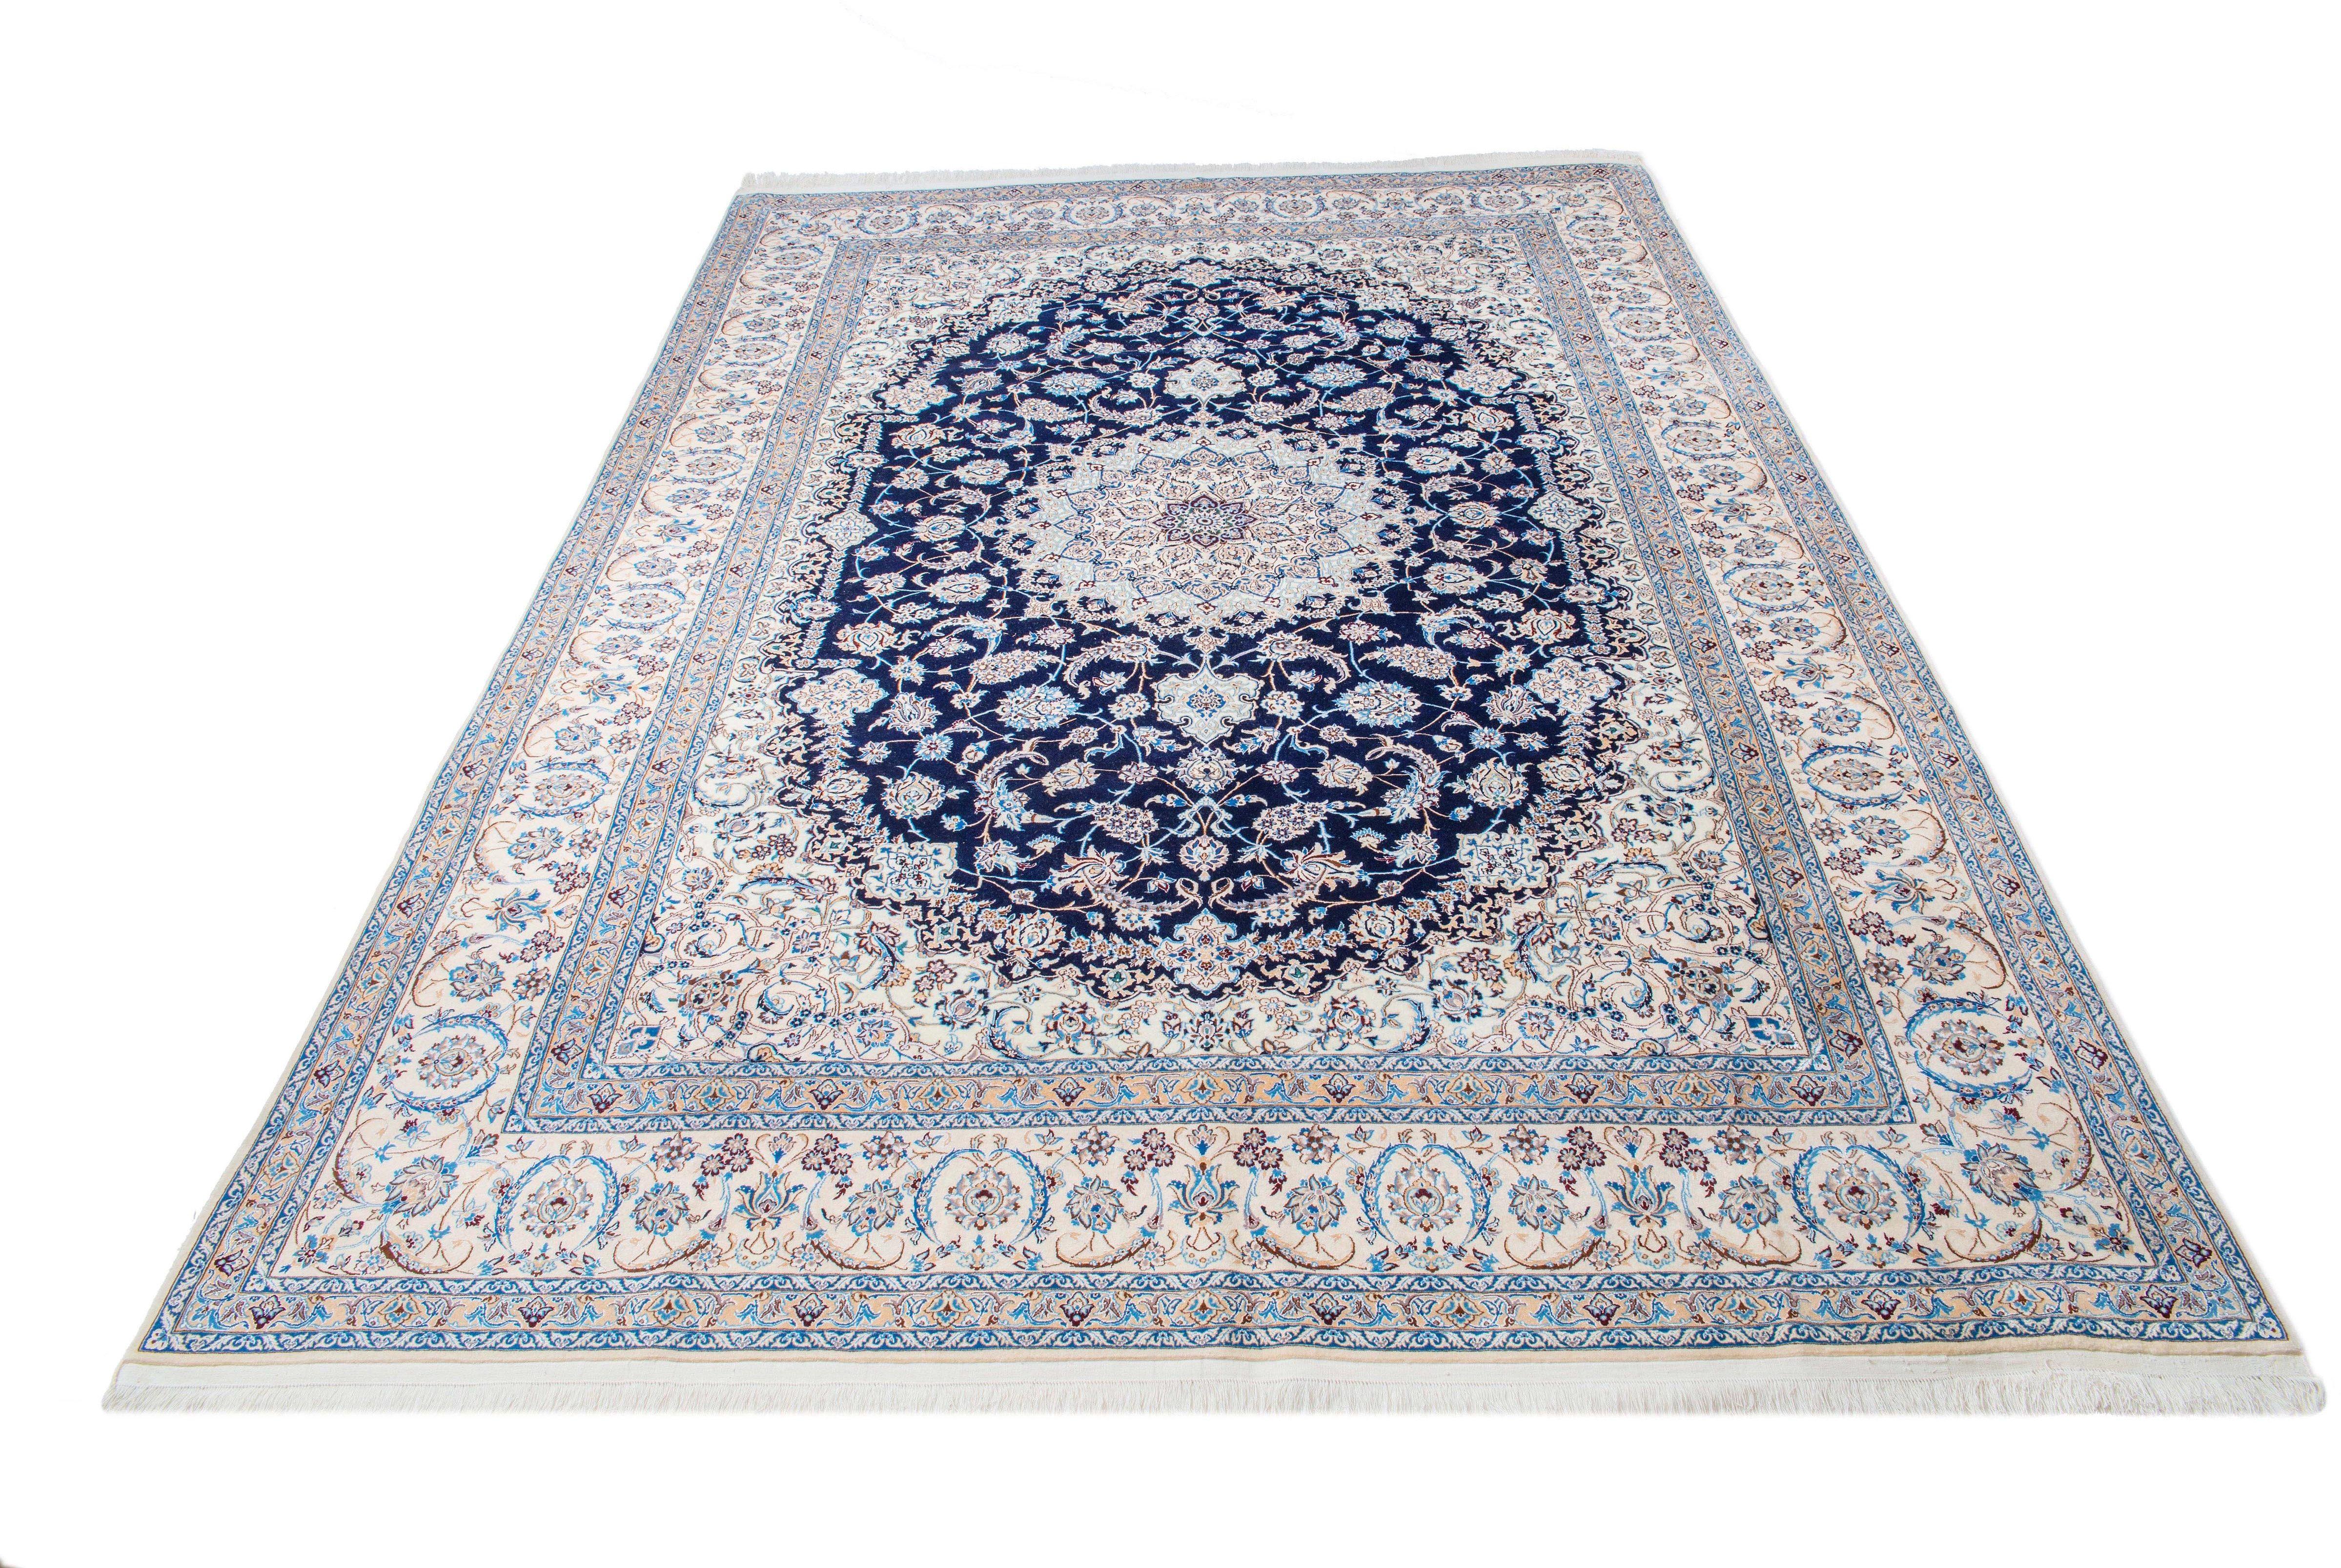 Orientteppich »Nain«, Parwis, rechteckig, Höhe 15 mm